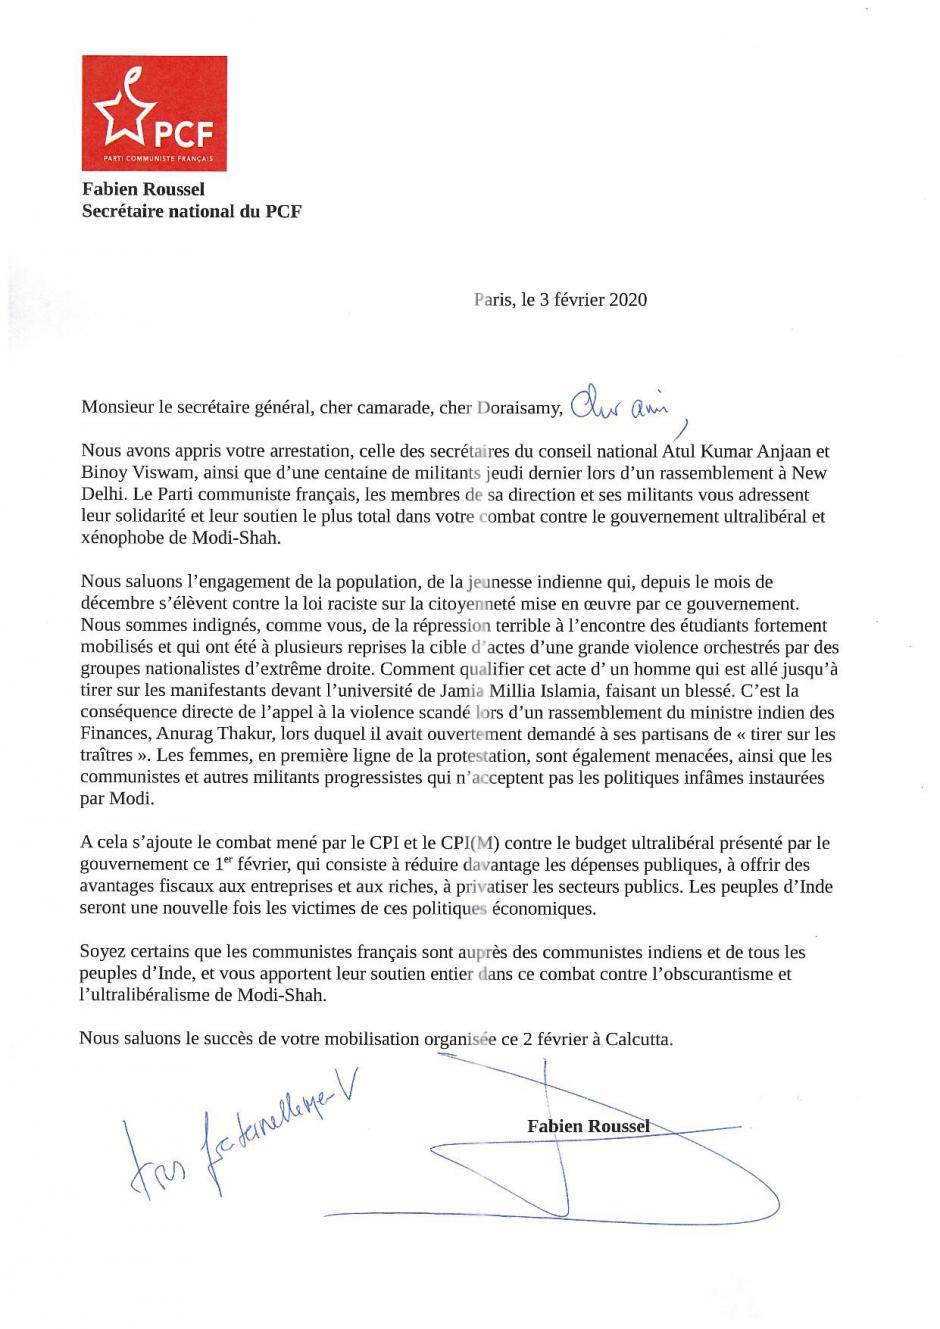 lettre_fr.jpg